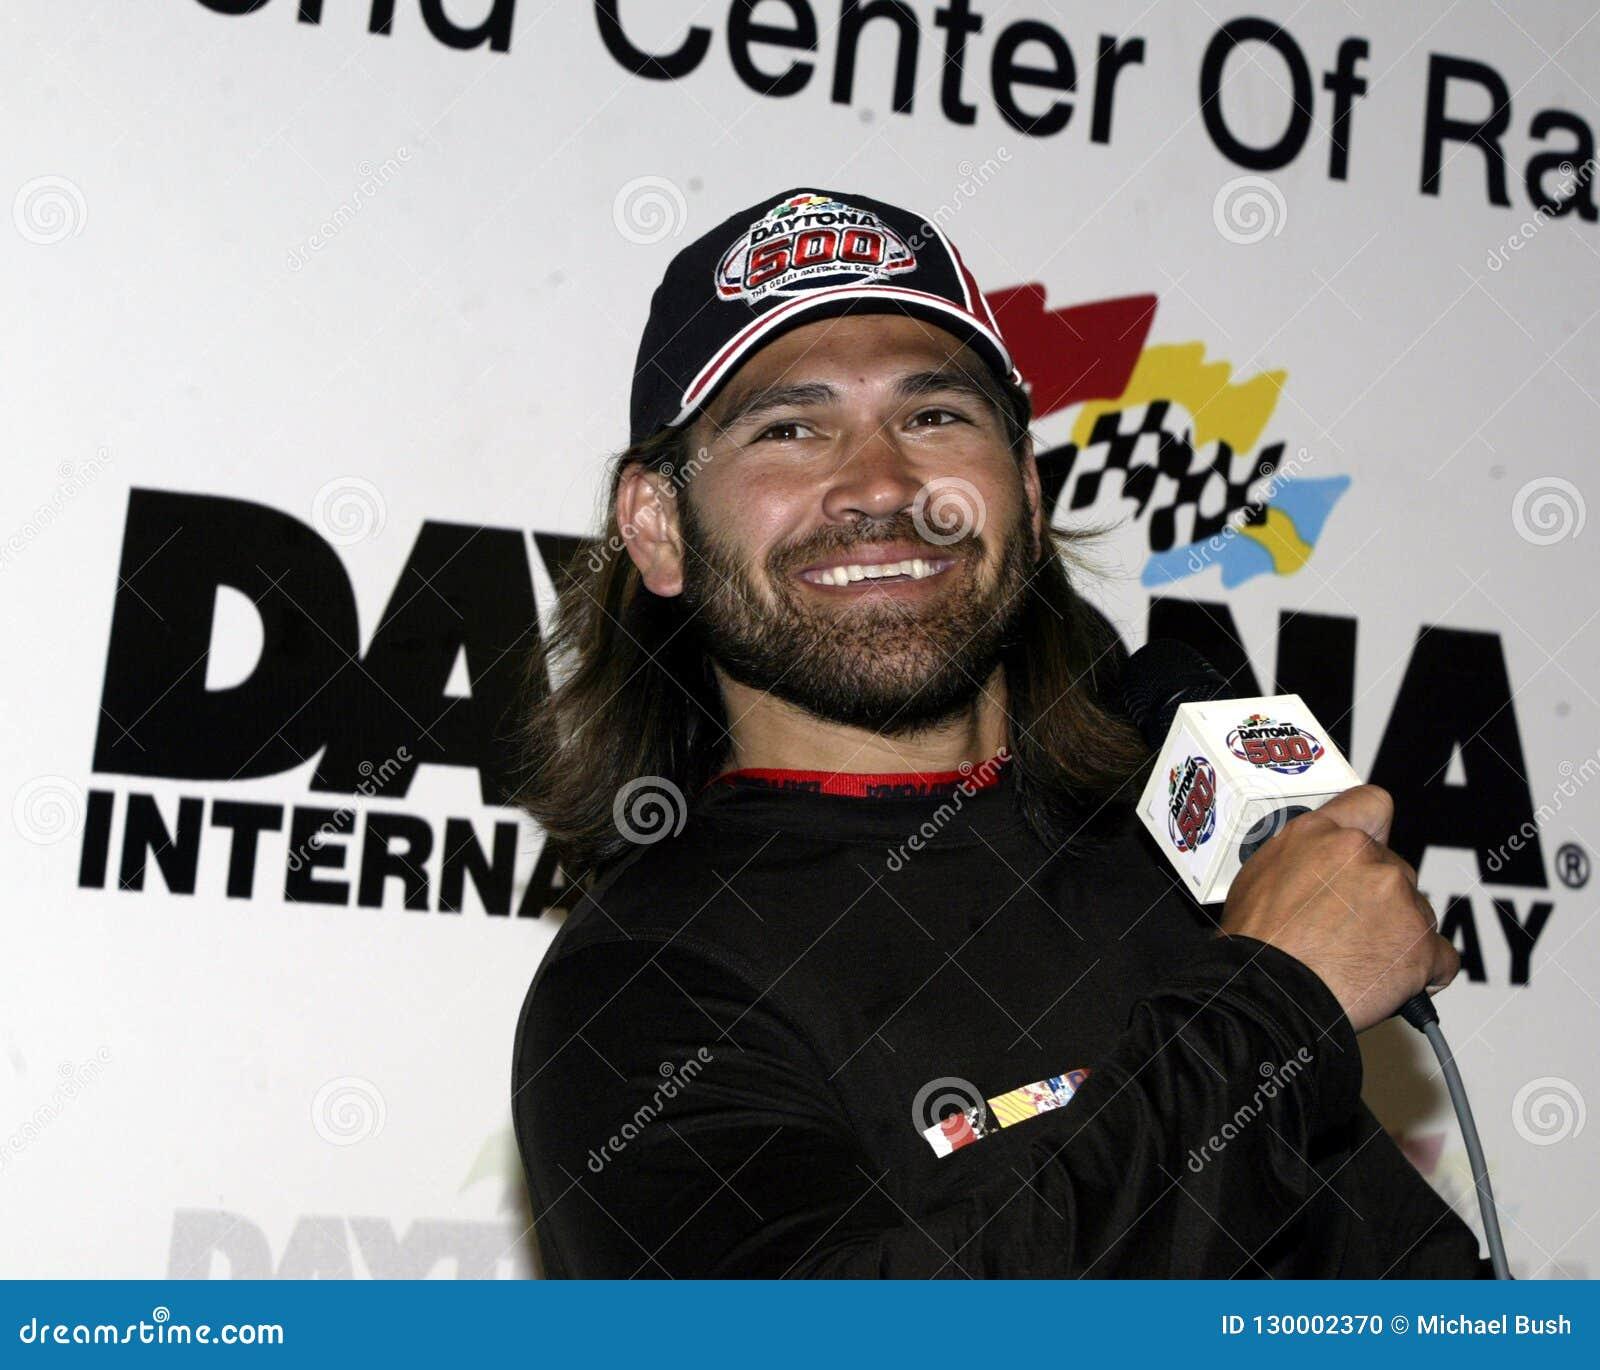 Johnny Damon Attends the Daytona 500